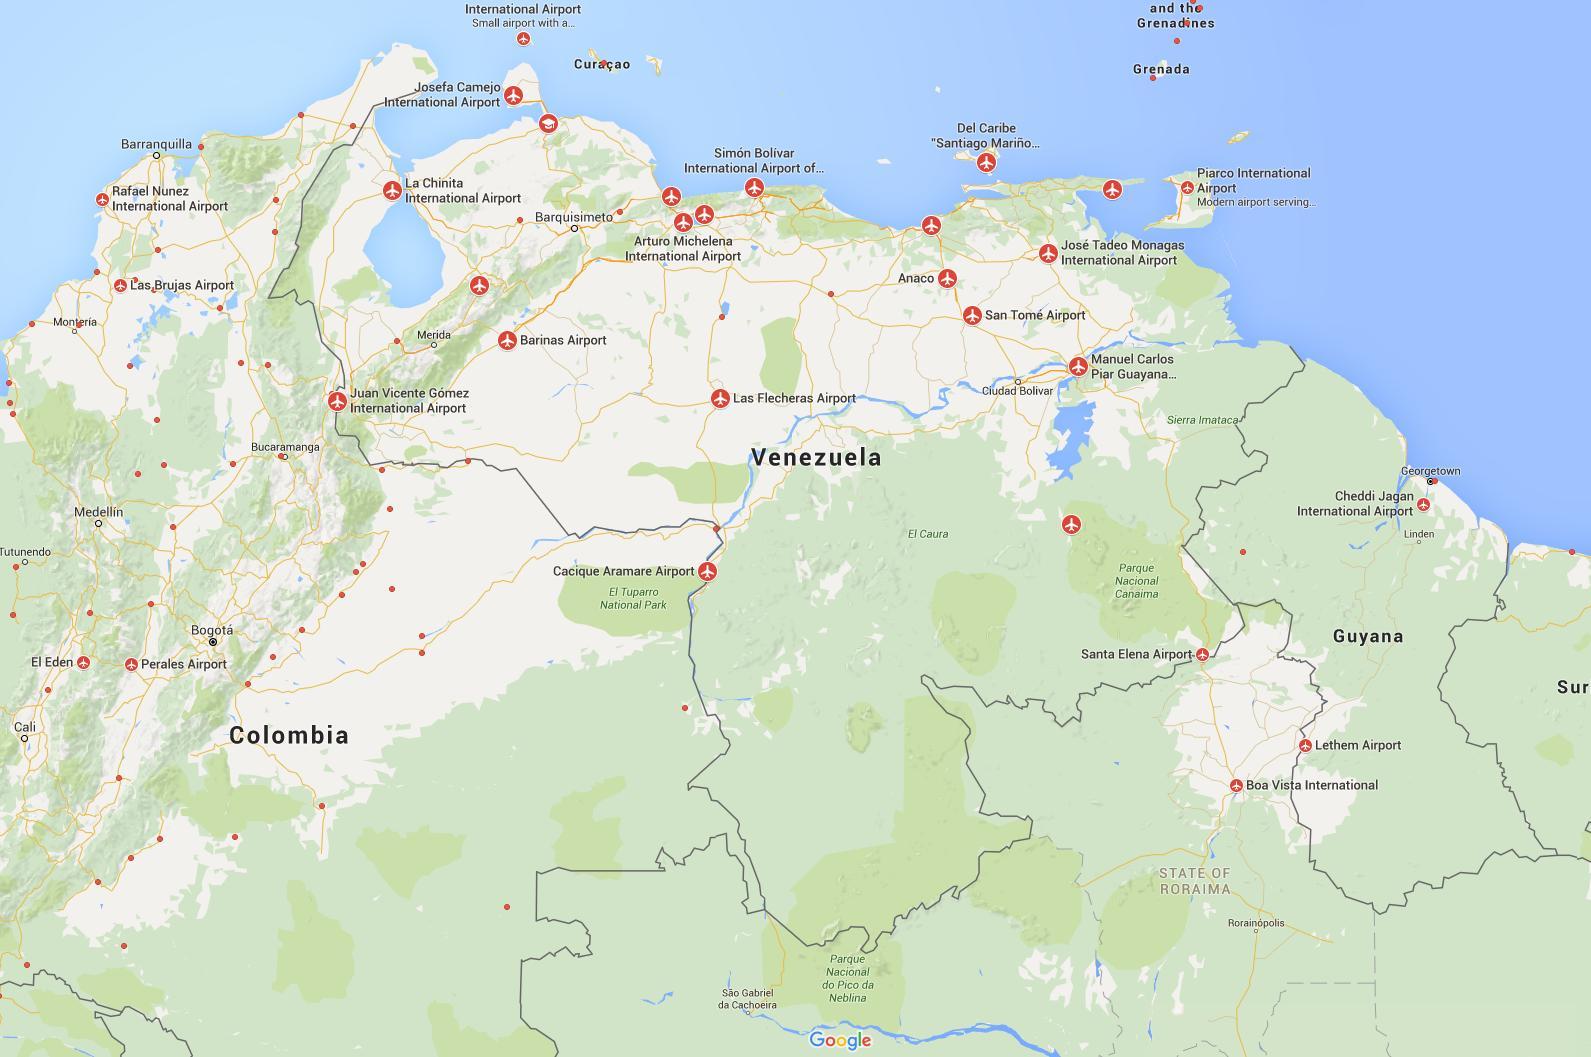 Venezuela Lentokentat Kartalla Kartta Georgia Lentokentat Etela